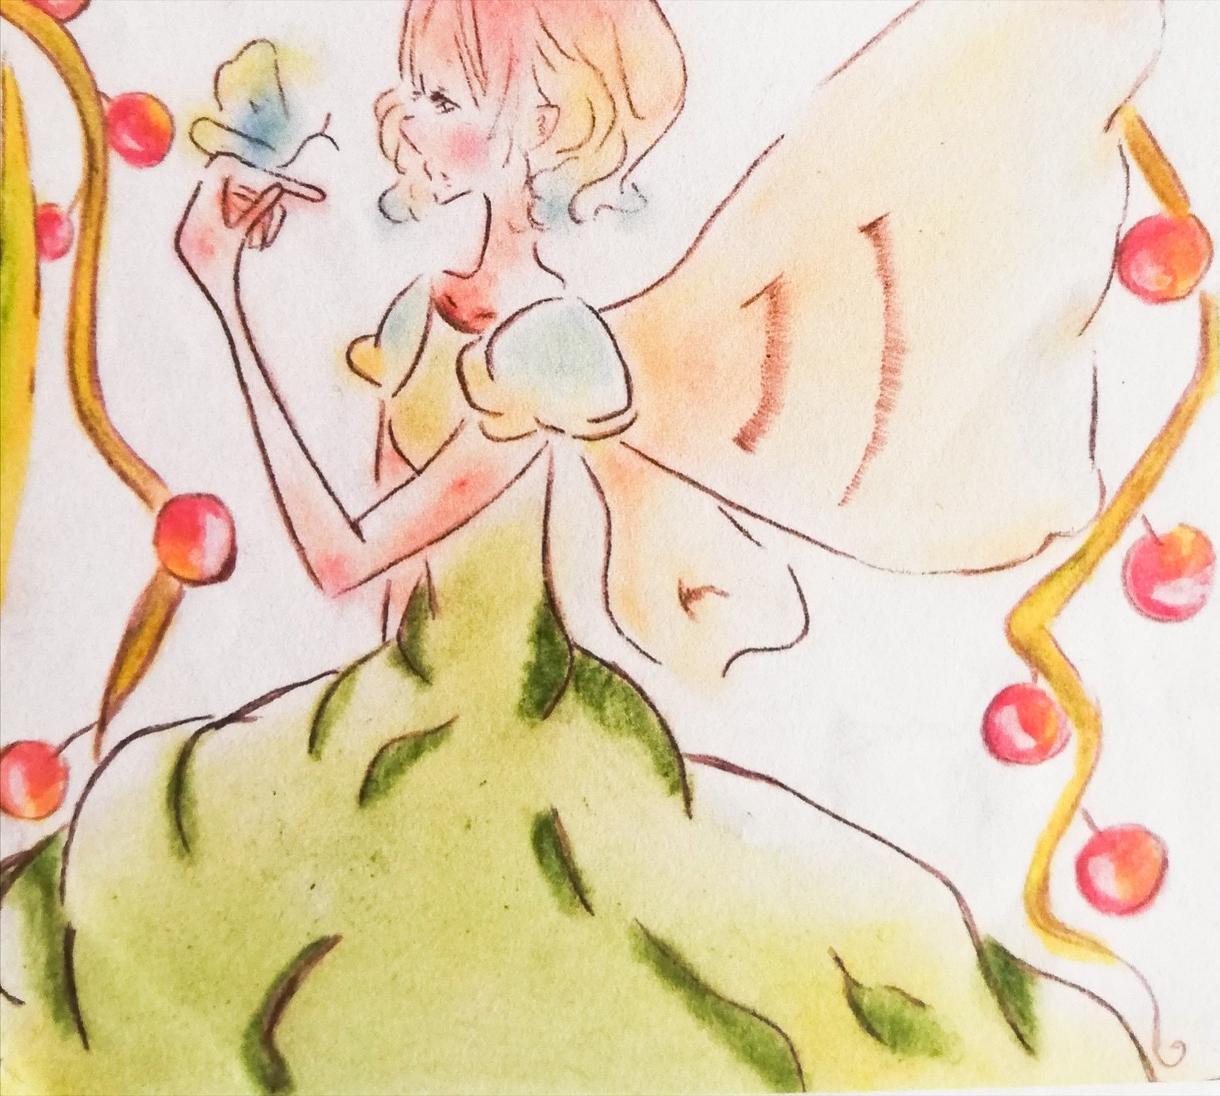 ほんわかアイコン向けイラスト描きます 絵本のようなイラストを求めている人におすすめです!